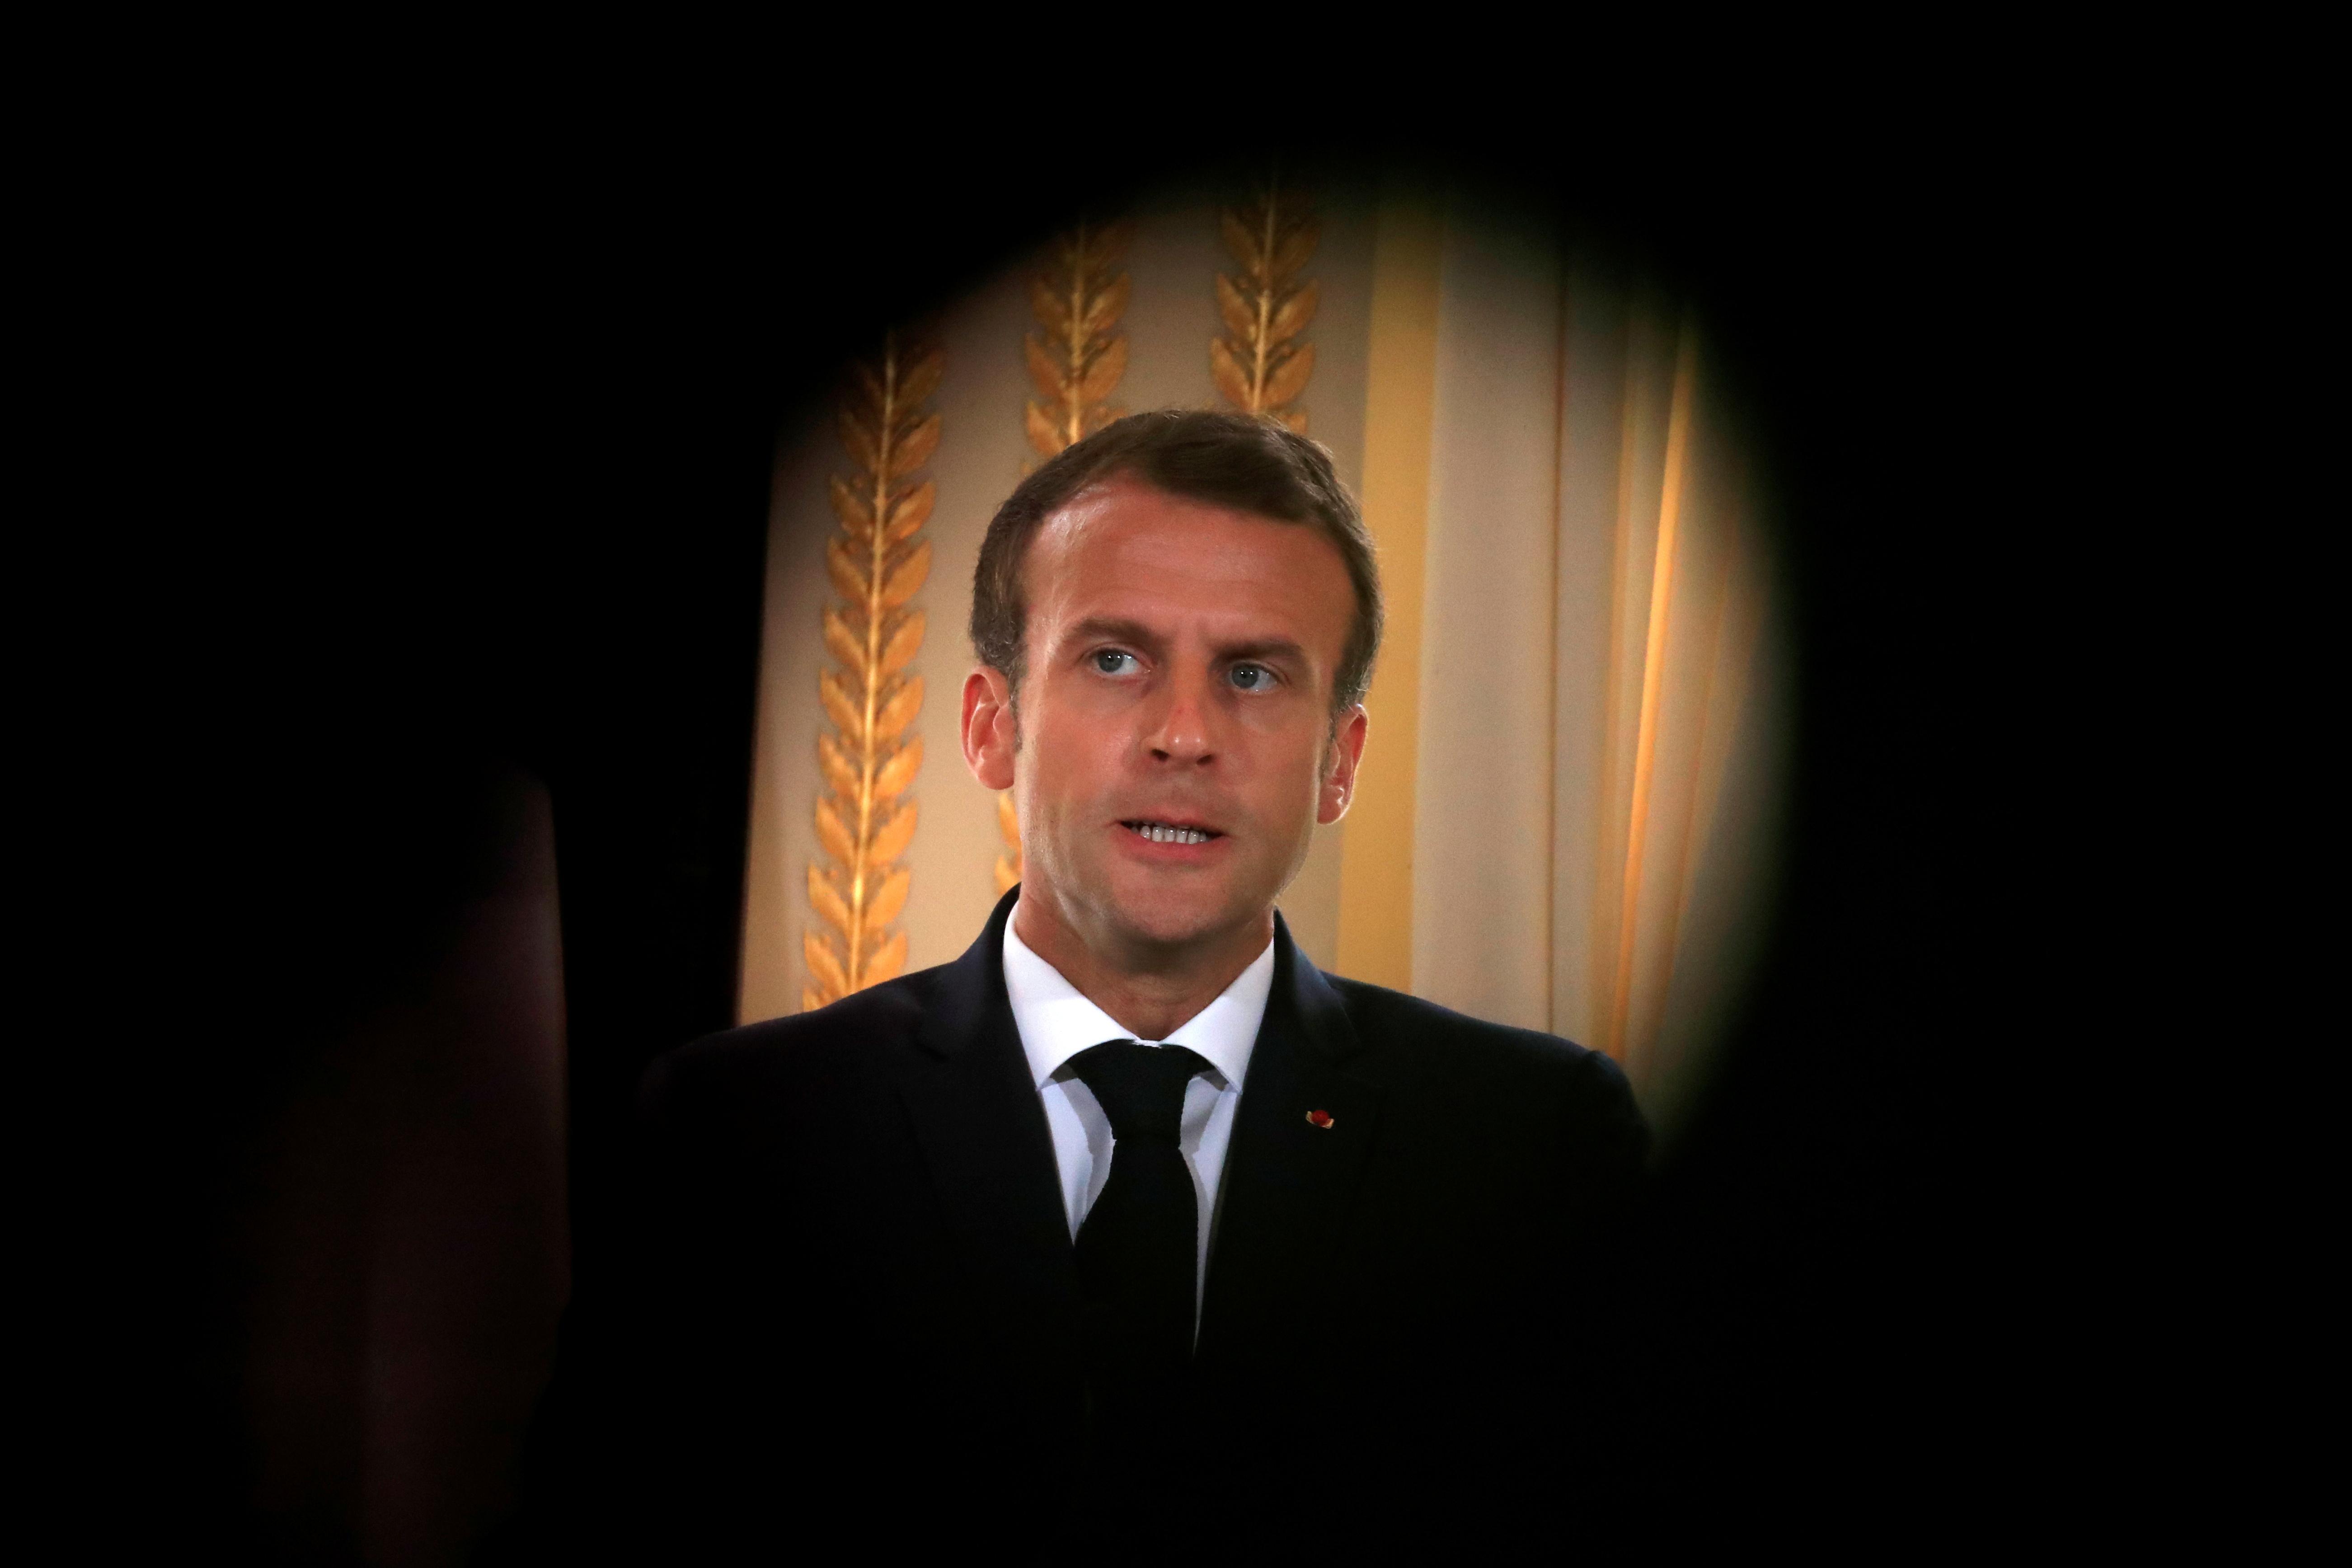 L'Elysée et Macron accusés d'avoir failli à l'article 40 du code de procédure